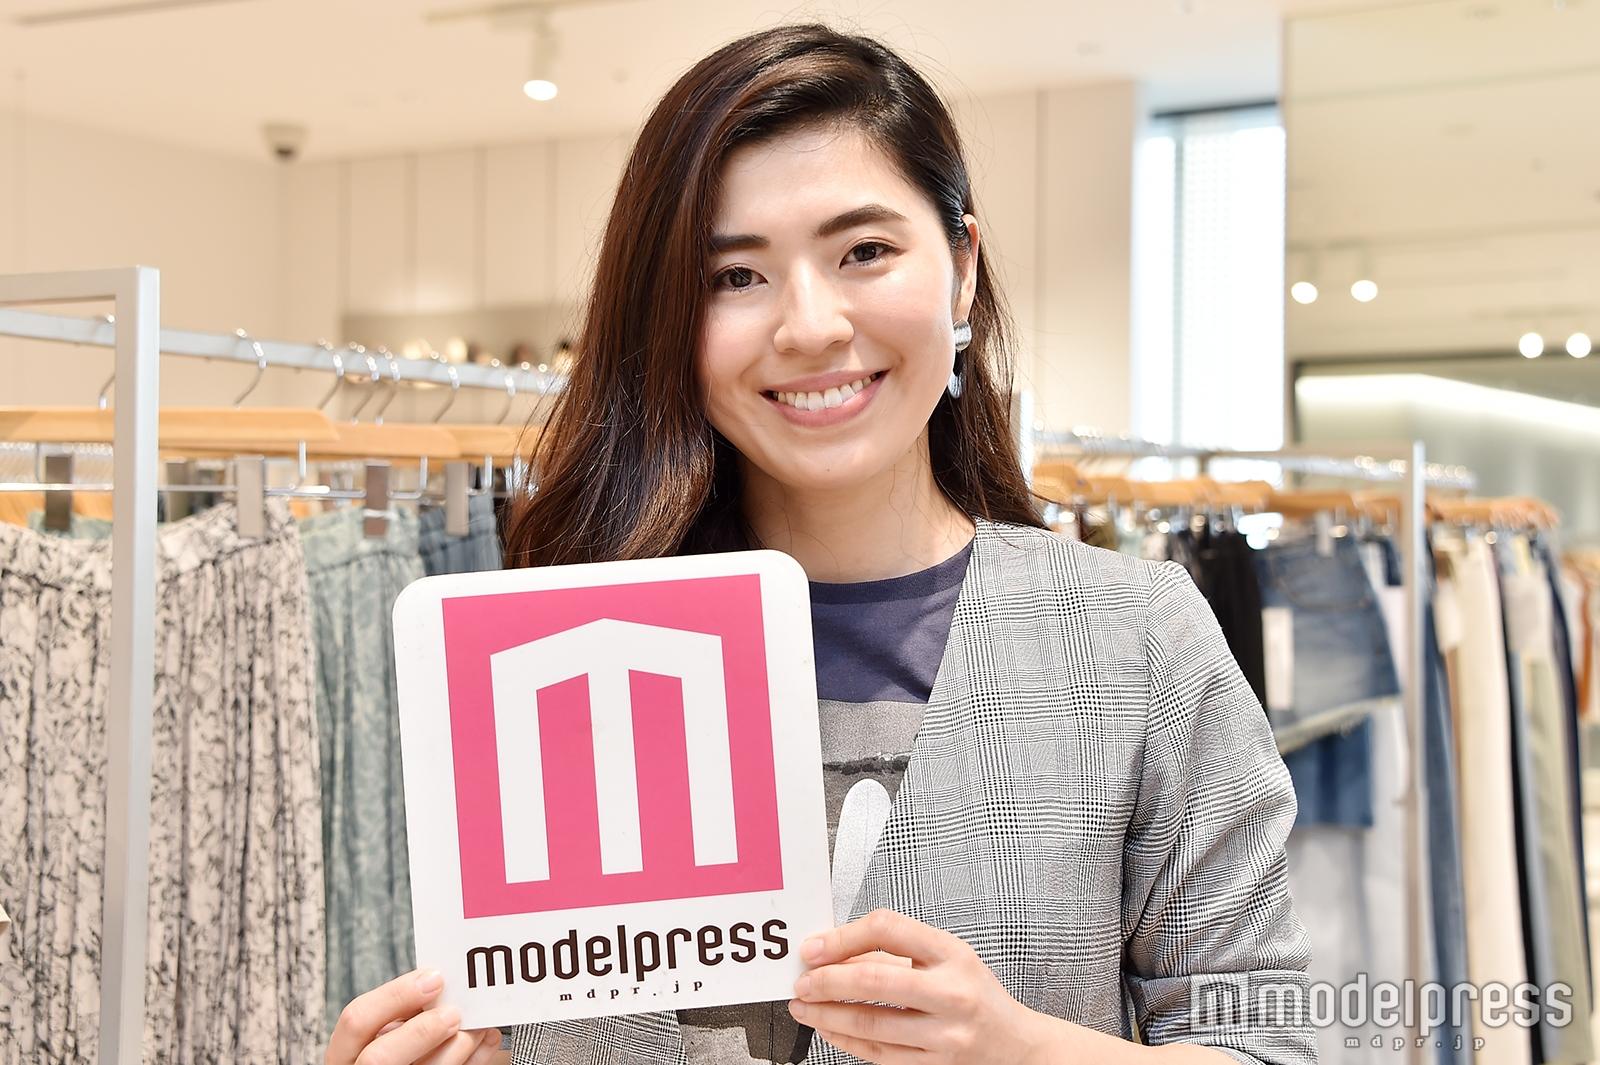 槙裕子さん(C)モデルプレス